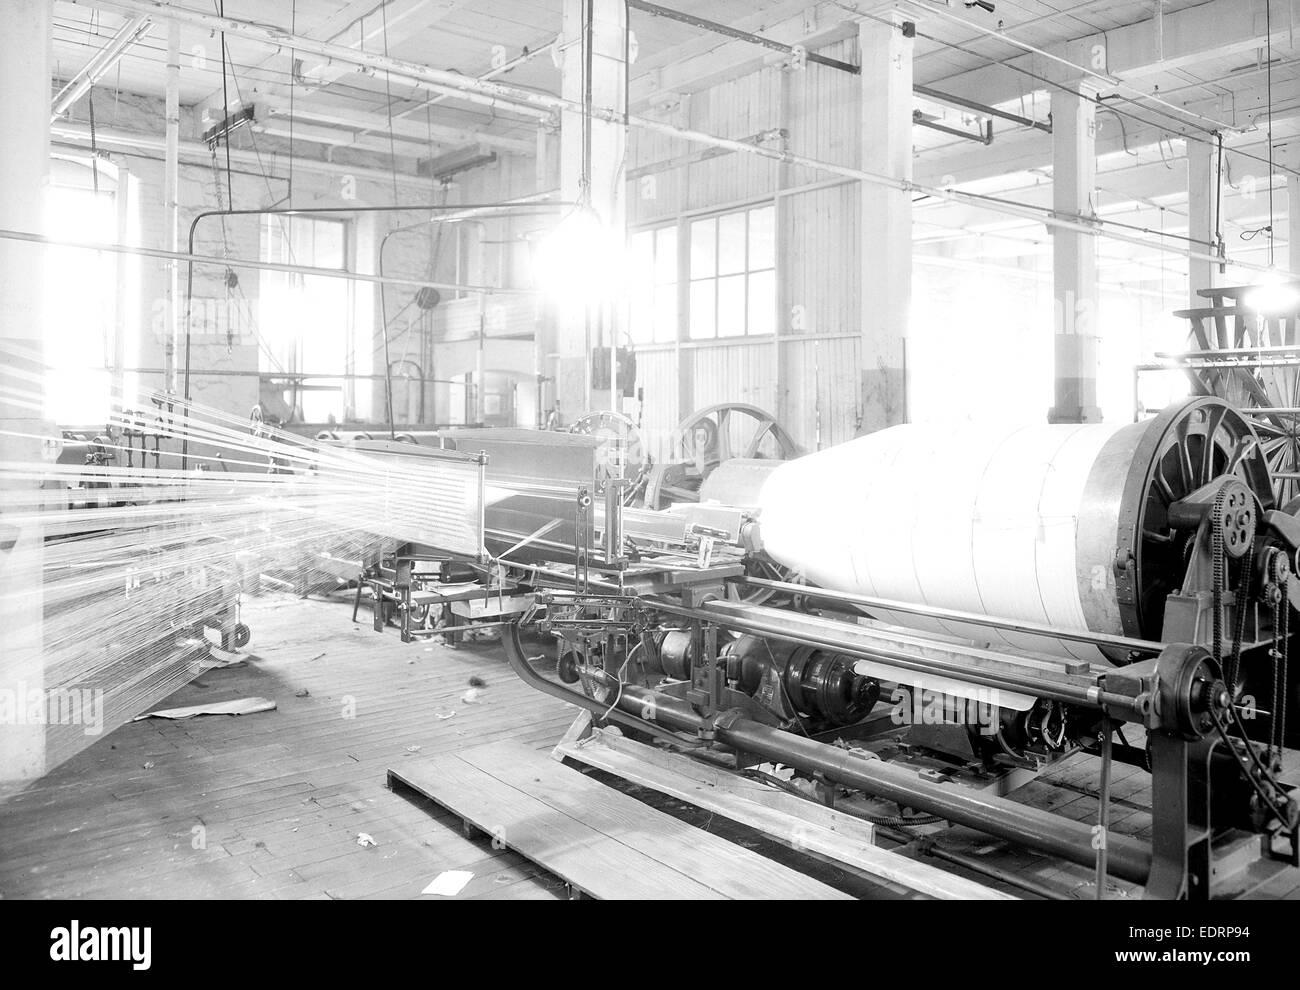 Paterson, New Jersey - Textiles. [Grande machine textile.], juin 1937, Lewis Hine, 1874 - 1940, était un photographe Photo Stock